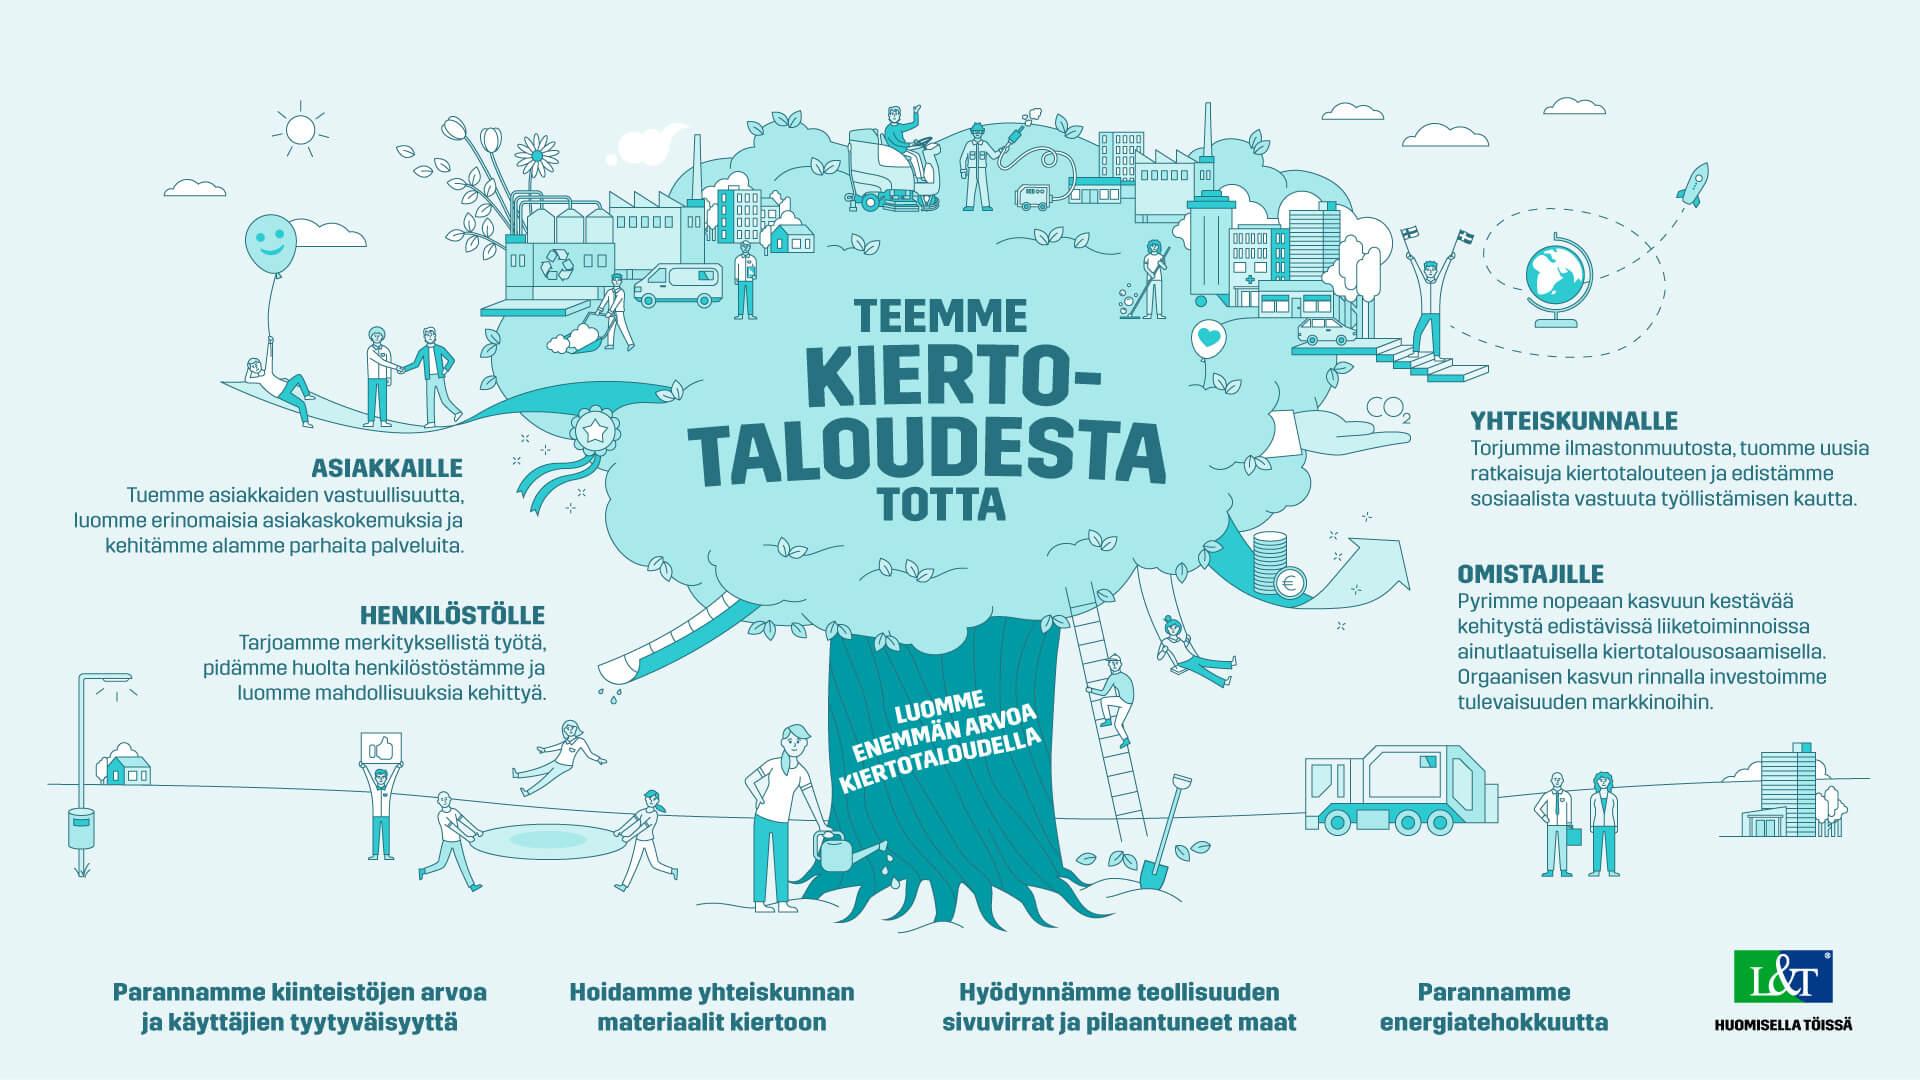 Lassila & Tikanojan strategiapuu - teemme kiertotaloudesta totta